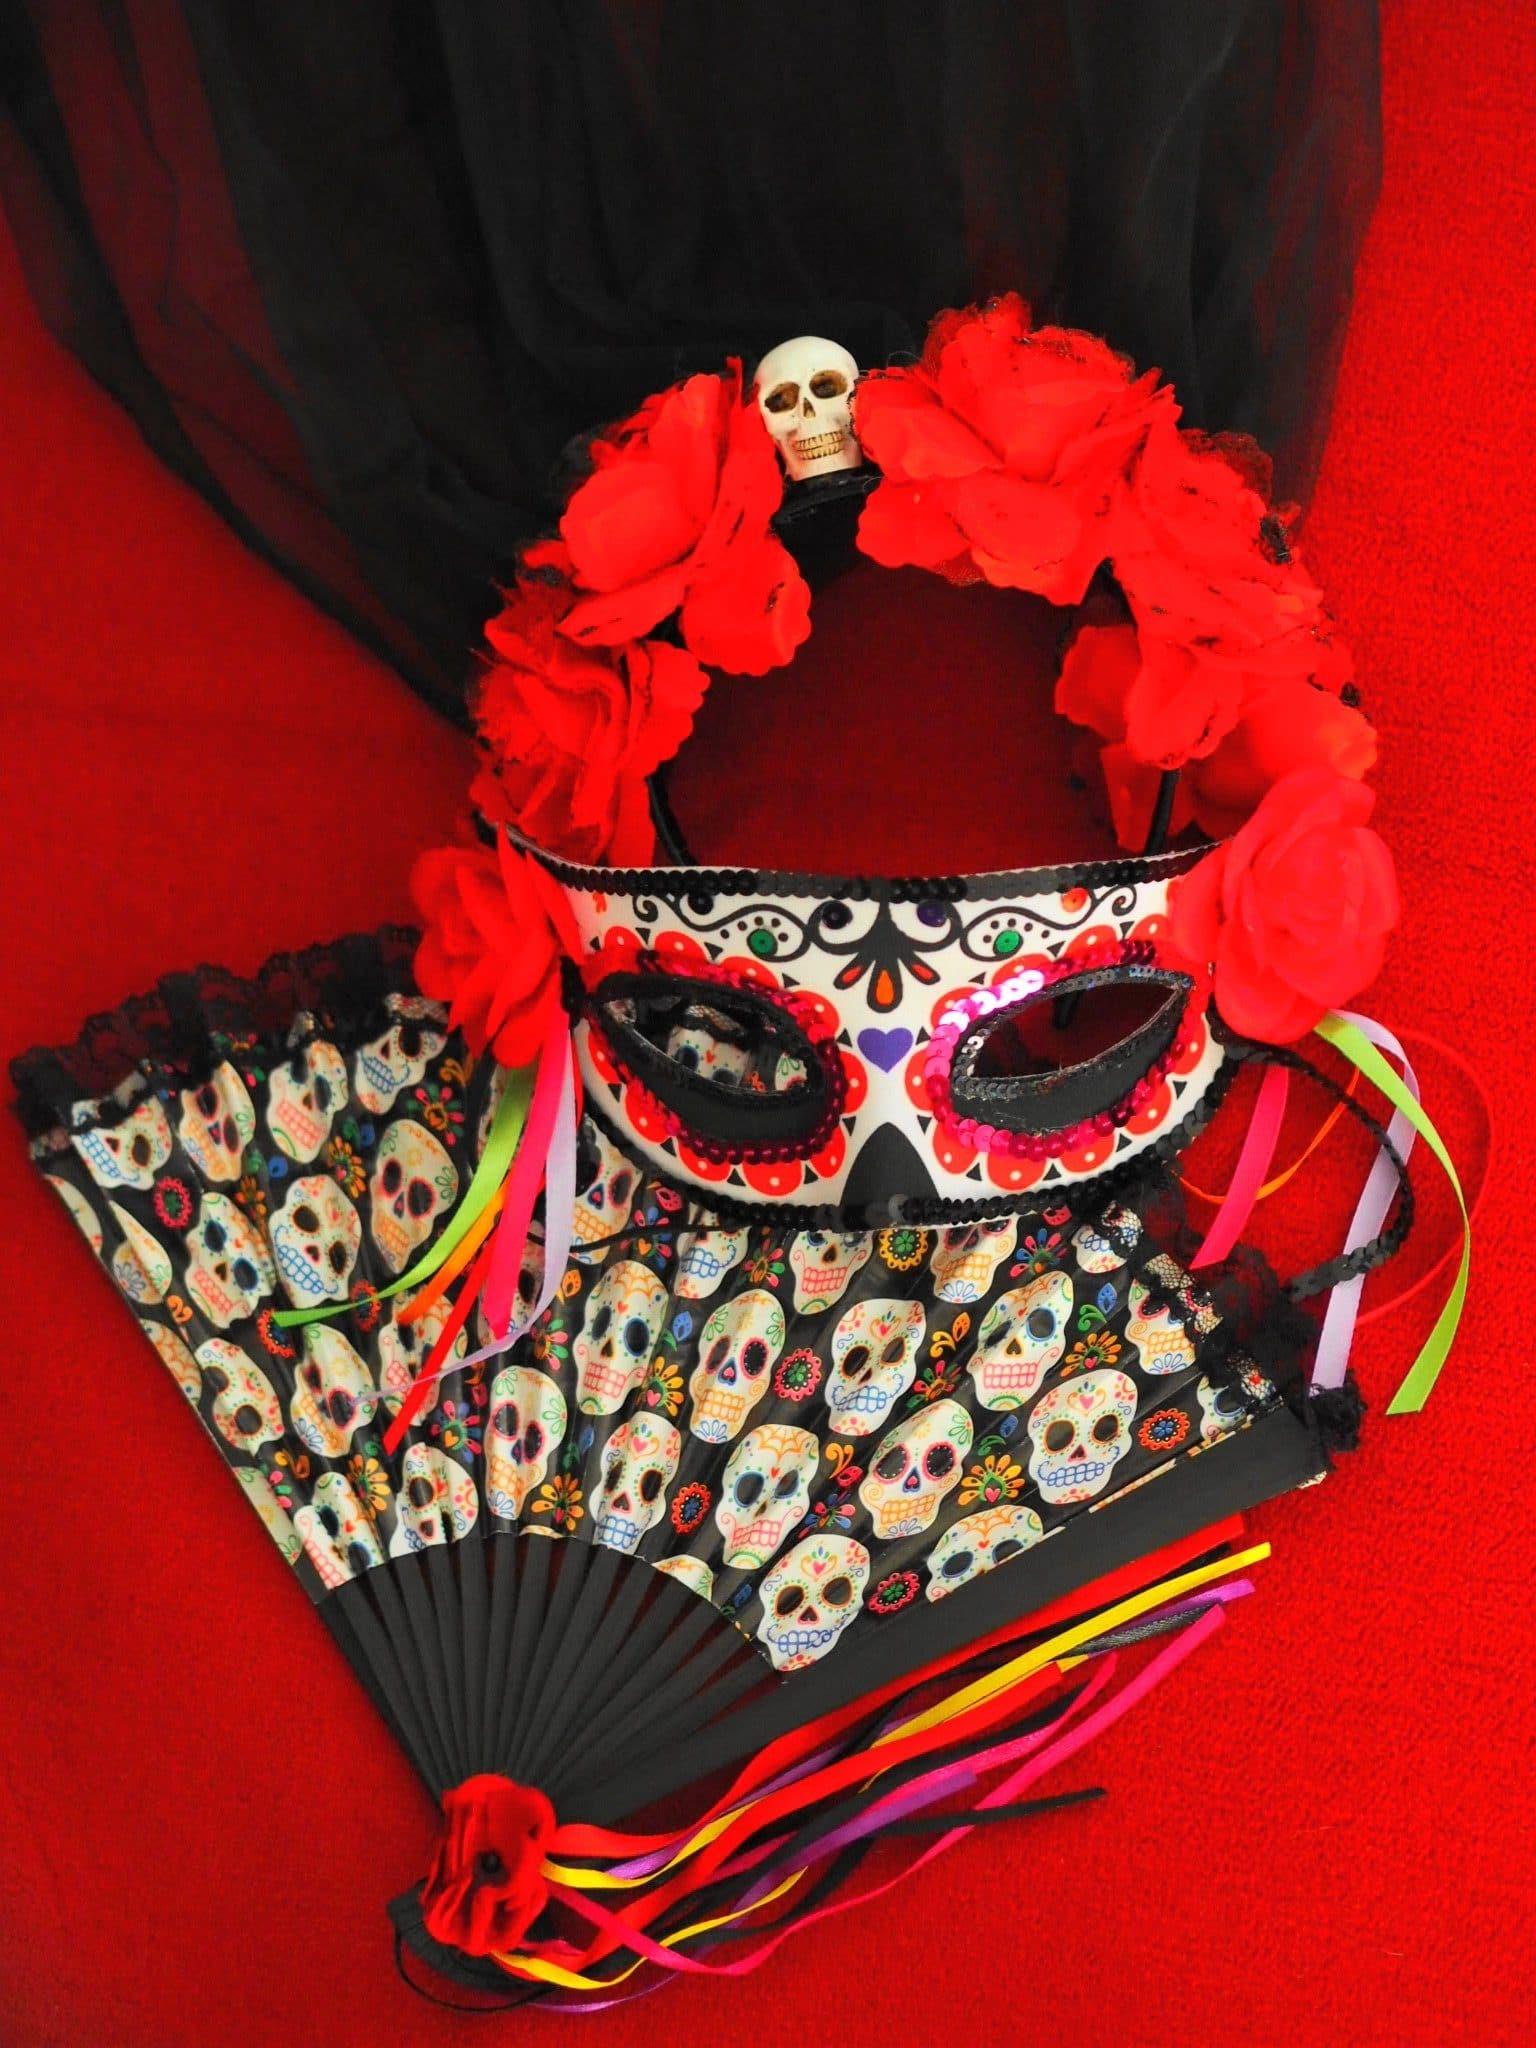 Heute zeige ich euch mein Halloween La Catrina Look ganz im Stil des Dia de los Muertos und erzähle euch ein wenig über die tollen Feierlichkeiten in Mexiko